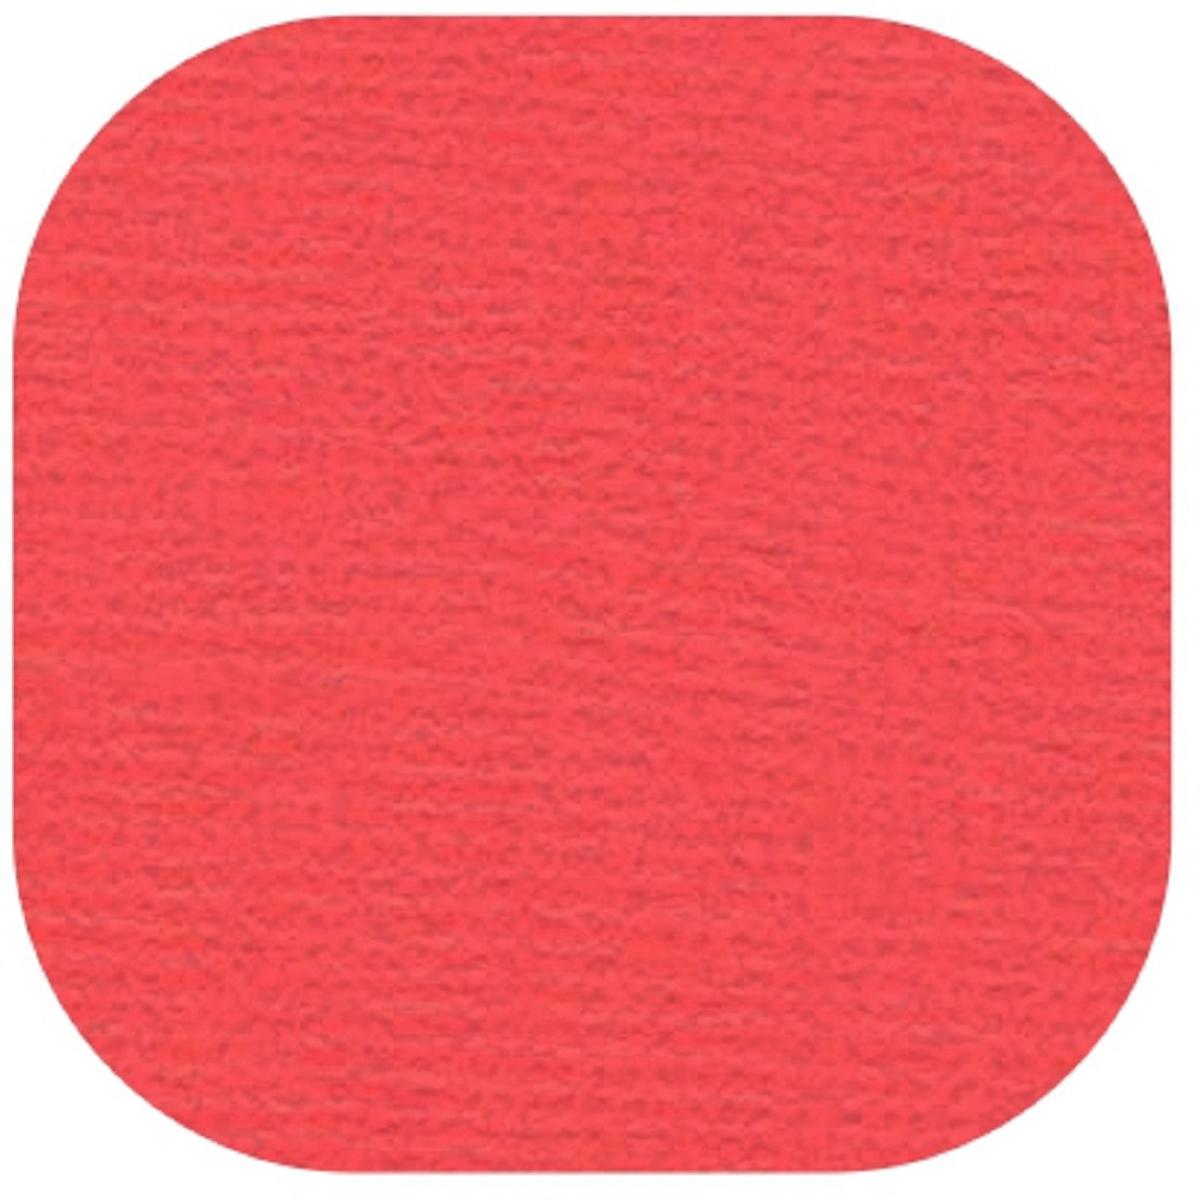 Бумага текстурированная Рукоделие Огненная ягода, 30,5 х 30,5 см, 10 листовBO-59Бумага для скрапбукинга односторонняя. Набор текстурированной бумаги позволит создать красивый альбом, фоторамку или открытку ручной работы, оформить подарок или аппликацию. В наборе: 10 листов. Плотность: 235 г/м2.